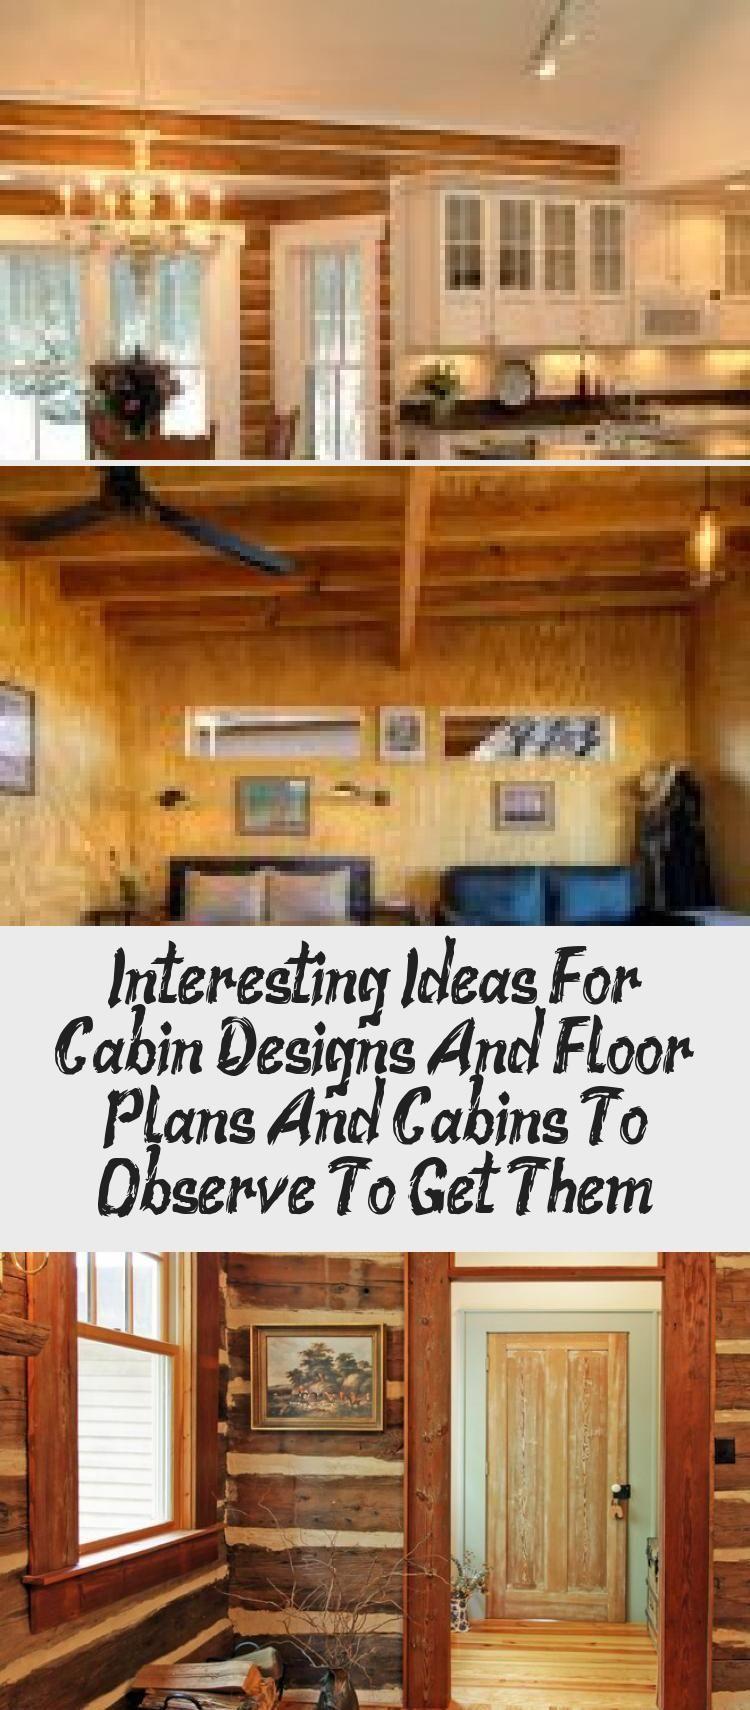 Kabinendesigns Und Grundrisse Saulenhocker Insel Holzboden Blumen Wandkabine Blumen Grundrisse Holzboden Insel Ka In 2020 Cabin Design Rustic Cabin Floor Plans